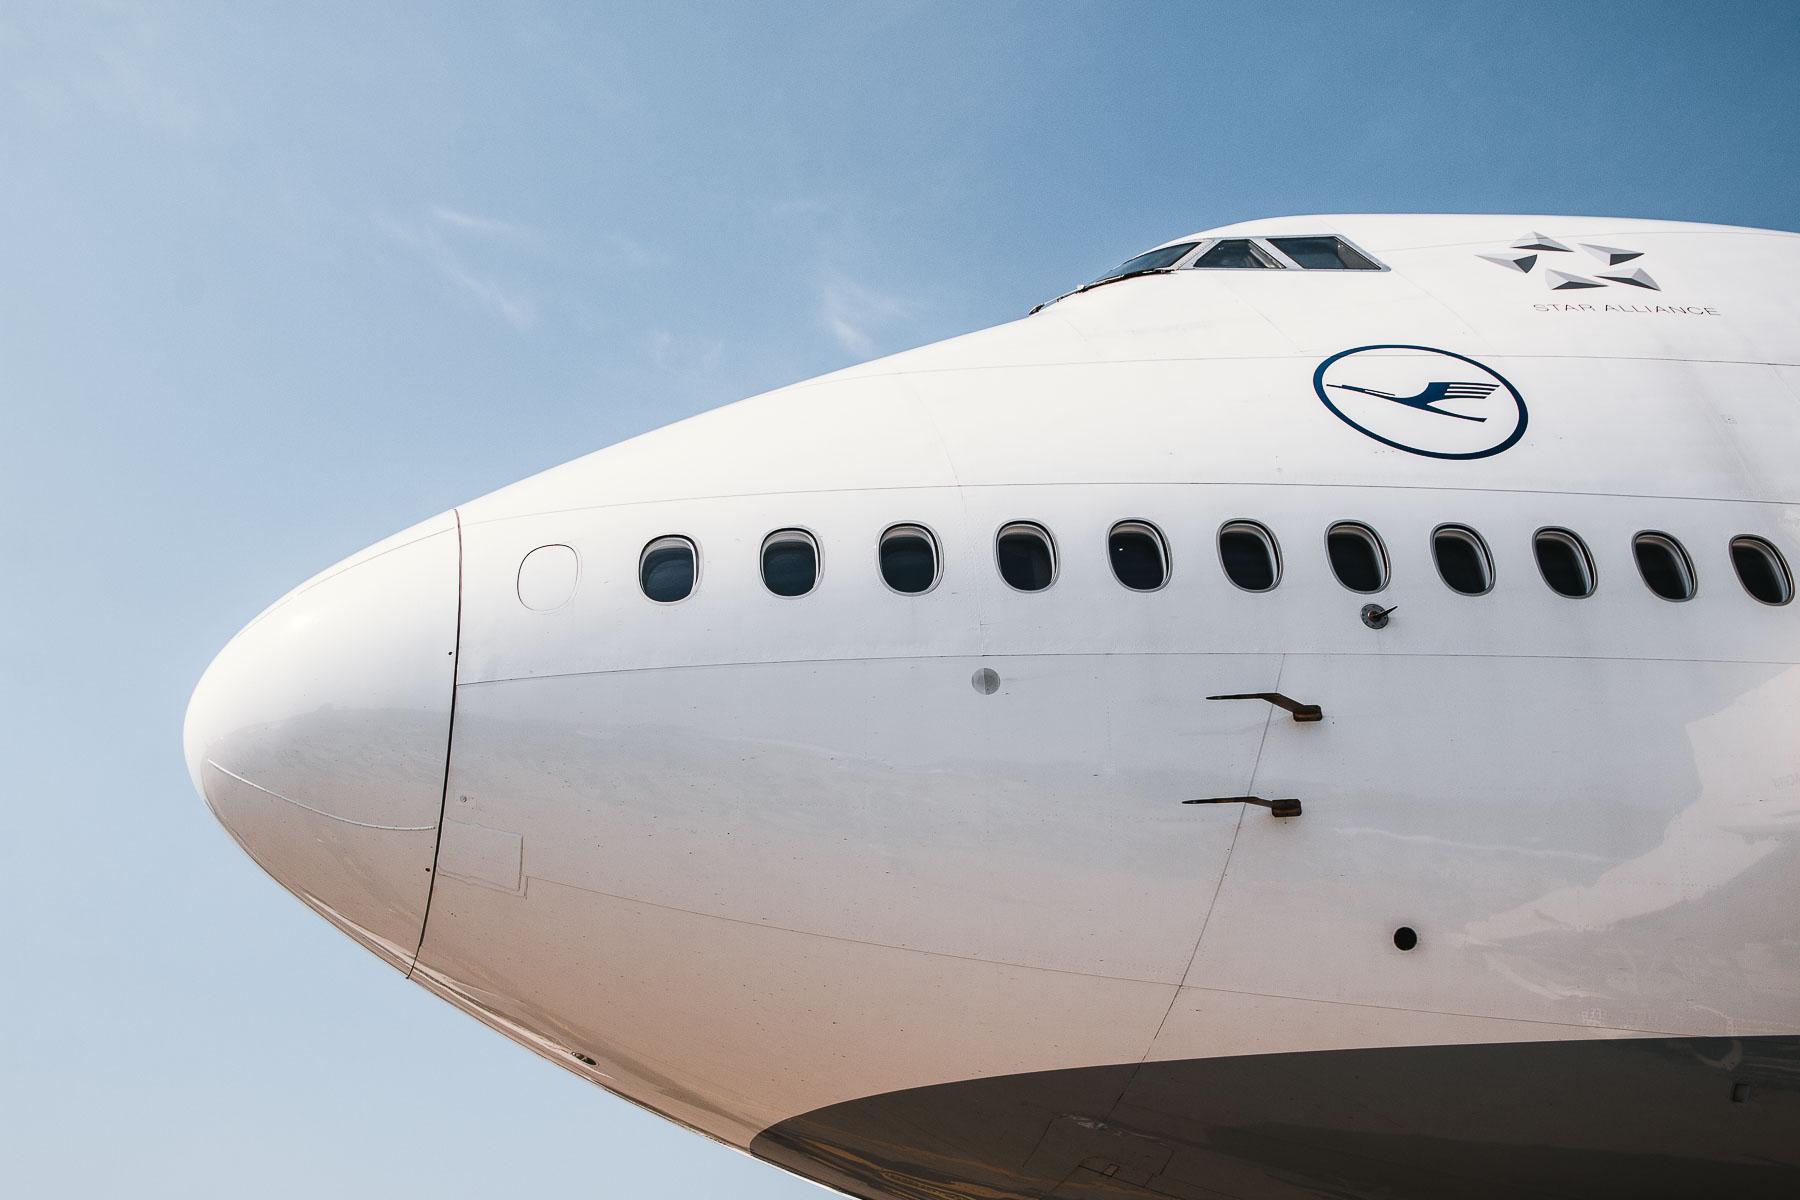 Lufthansa Boeing 747 Strecken Routen-2